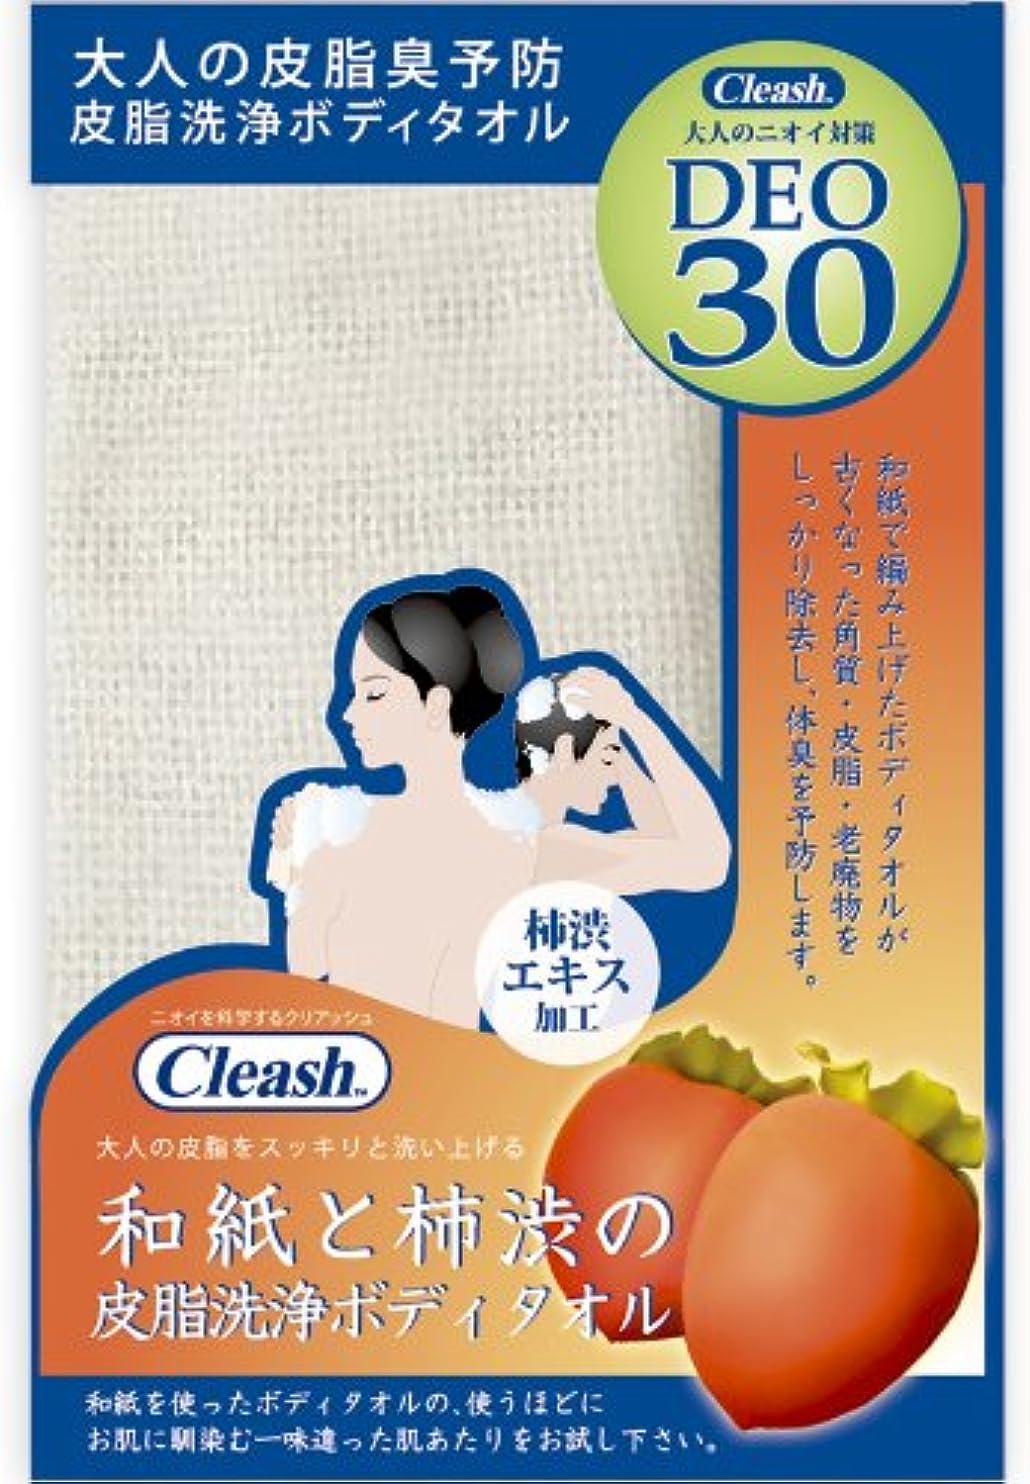 モデレータサイトラインきゅうりクリアッシュ™ デオサーティー 和紙と柿渋の皮脂洗浄ボディタオル